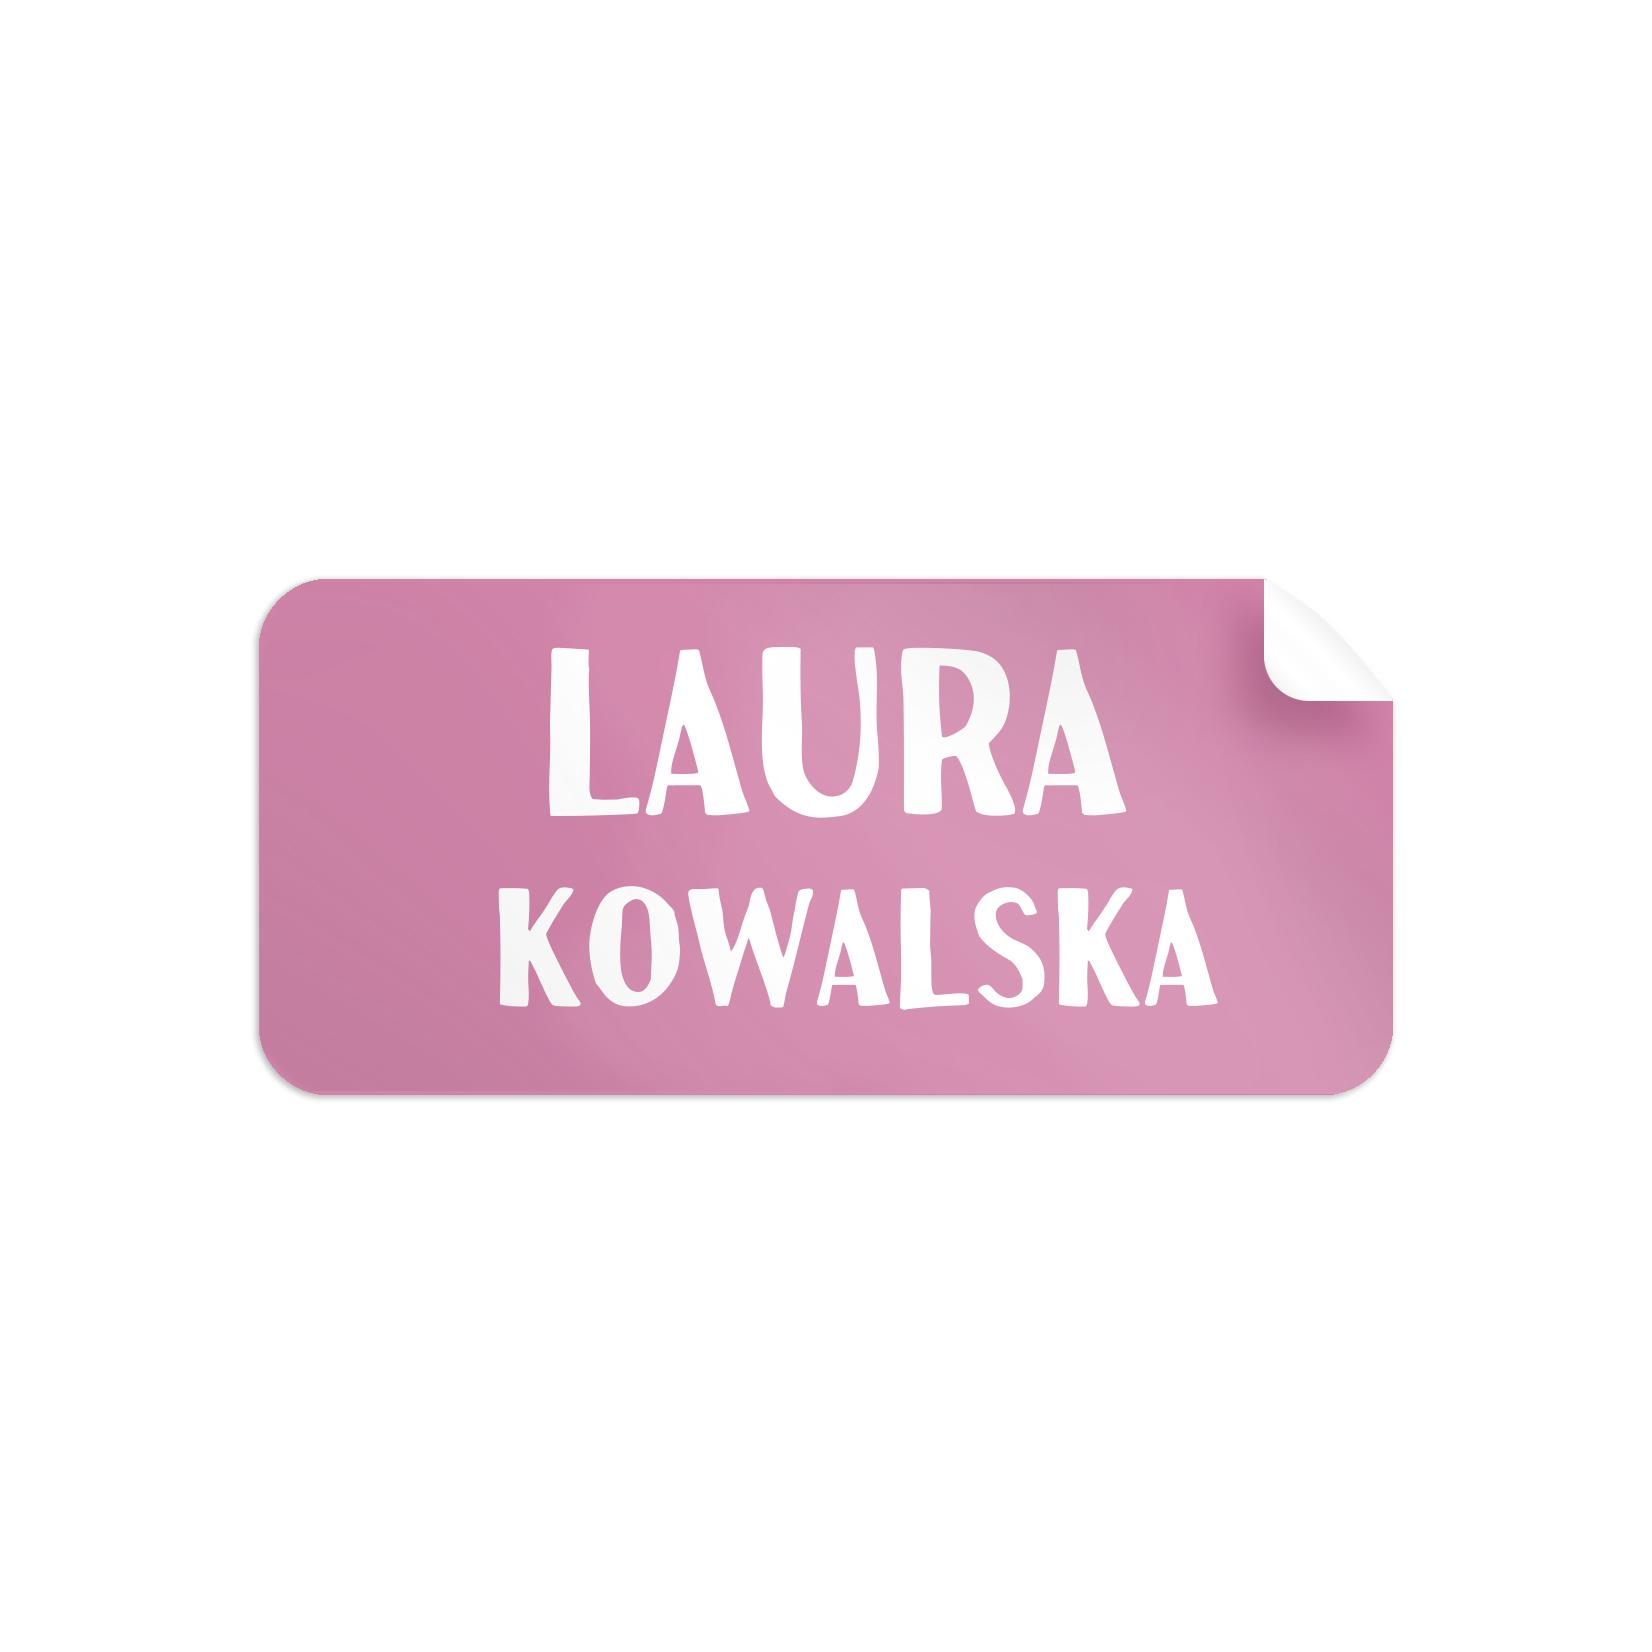 Naklejki szkolne imienne imienniki na zeszyty przybory szkolne dla dziewczynki różowe